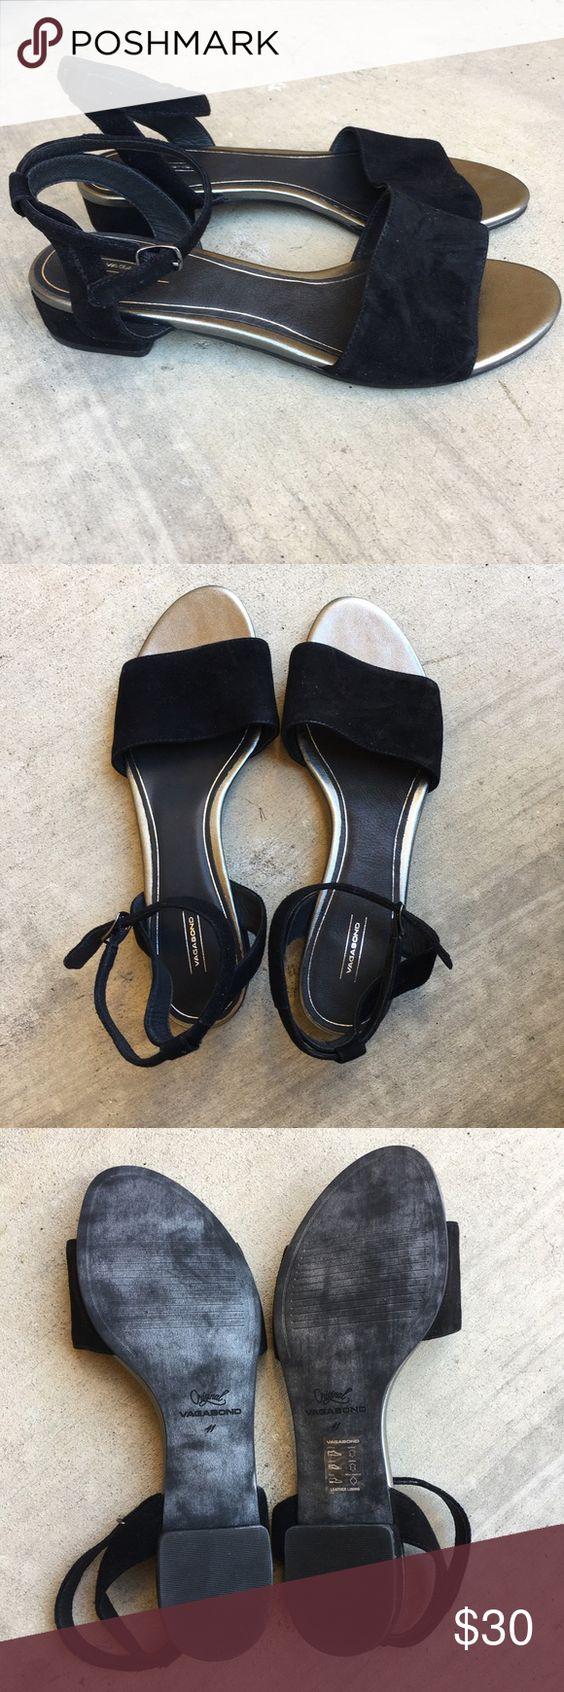 Black sandals size 11 - Size 11 Black Leather Vagabond Sandals Size 10 Black Leather Sandals By Vagabond Purchased